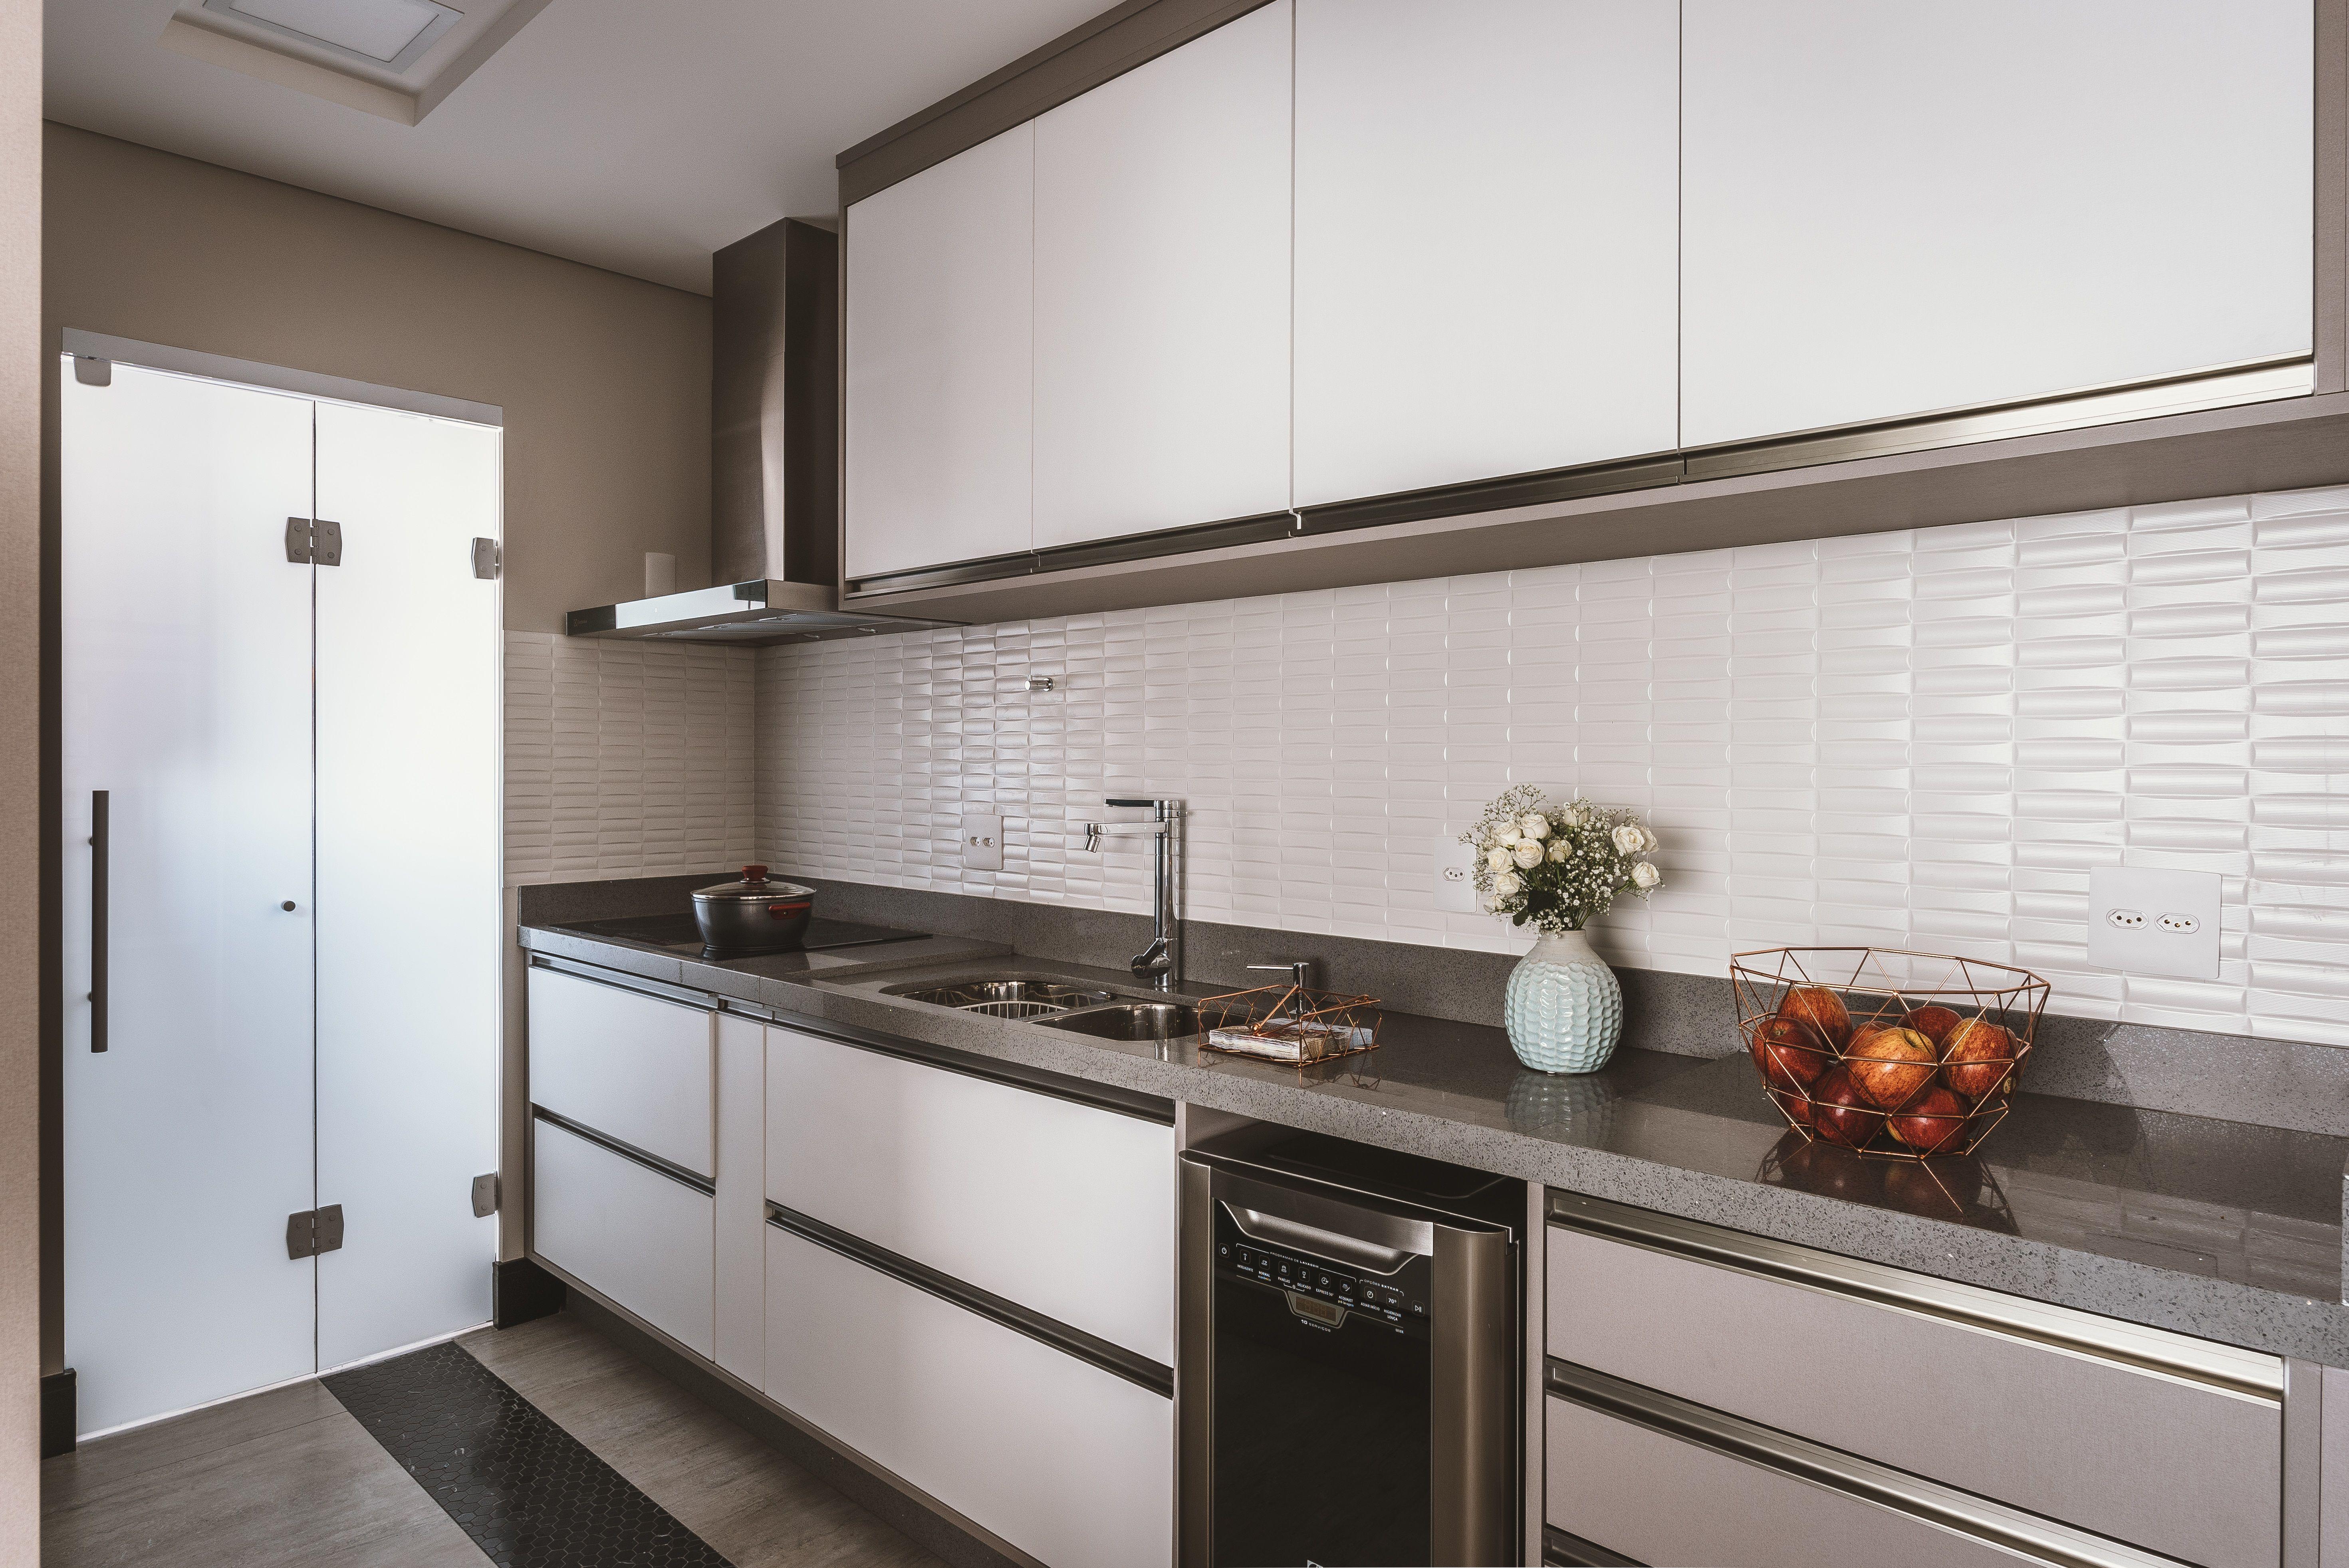 Cozinha Sob Medida Mdf Branco Platinum Masisa Projetos Executados